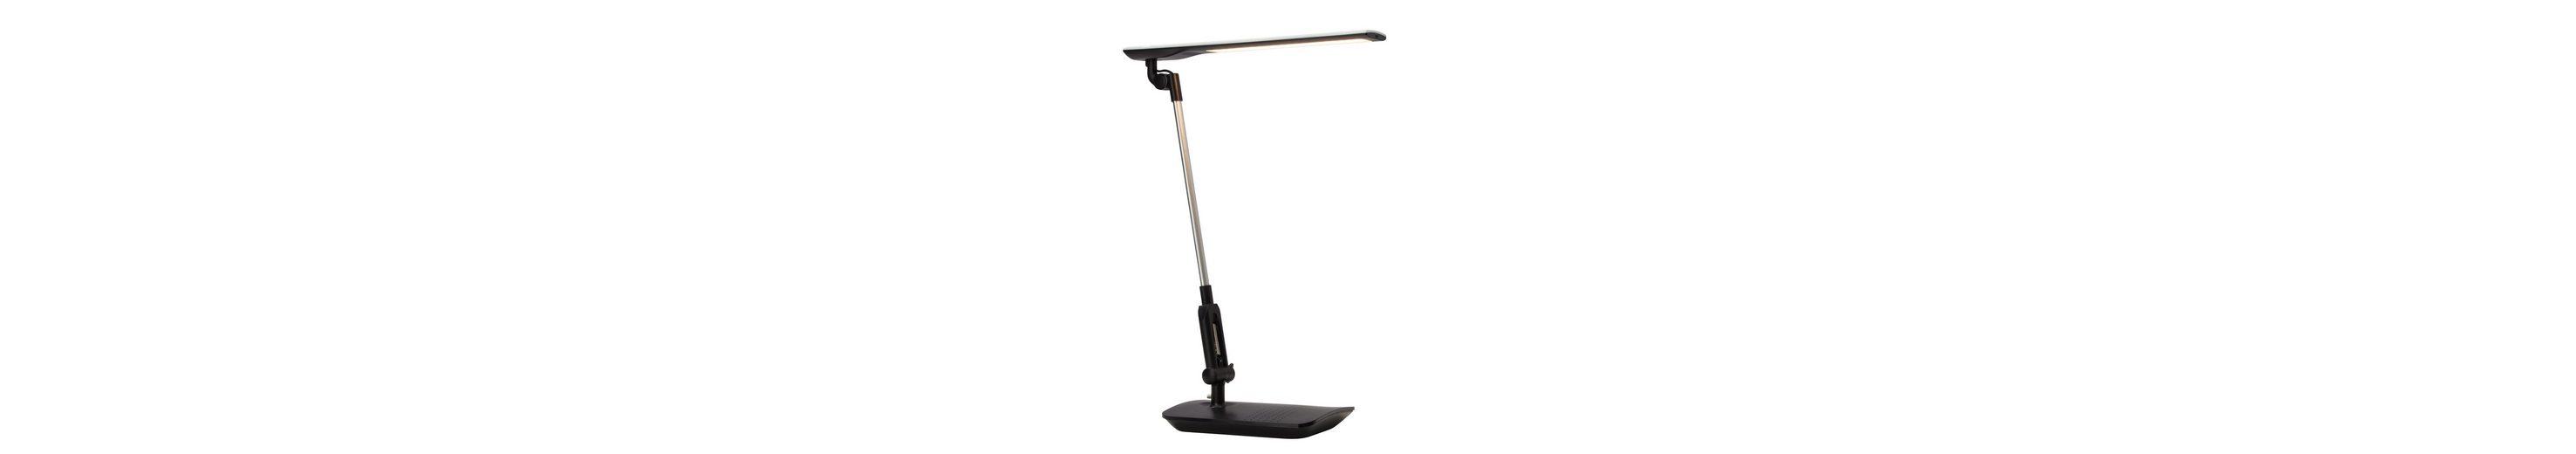 Brilliant Leuchten Badley LED Schreibtischleuchte schwarz/weiß